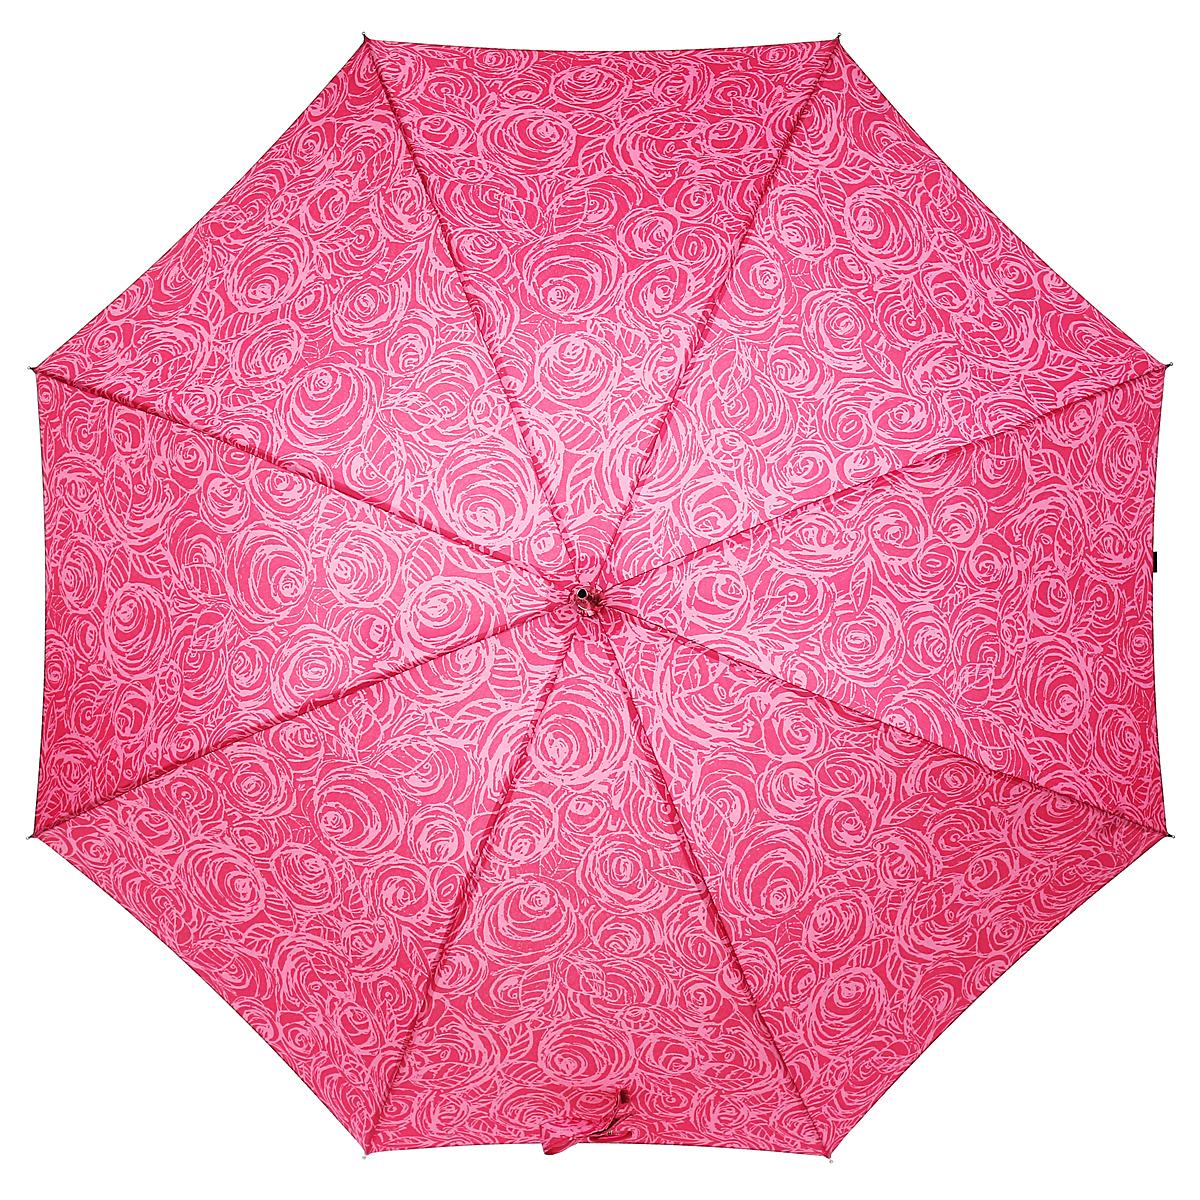 Зонт-трость Fulton Eliza, механический, женский, цвет: розовый. L600 3F2634L600-2634Стильный механический зонт-трость Fulton Eliza даже в ненастную погоду позволит вам оставаться элегантной. Каркас зонта выполнен из восьми спиц из фибергласса, стержня из алюминия и ручки закругленной формы. Рукоятка разработана с учетом требований эргономики и обтянута искусственной кожей. Купол зонта выполнен из прочного полиэстера розового цвета и оформлен цветочным принтом. Закрытый купол фиксируется хлястиком на липучке. Зонт оснащен механическим типом сложения: купол открывается и закрывается вручную до характерного щелчка. Зонт-трость Eliza не только надежно защитит вас от дождя, но и станет стильным аксессуаром.